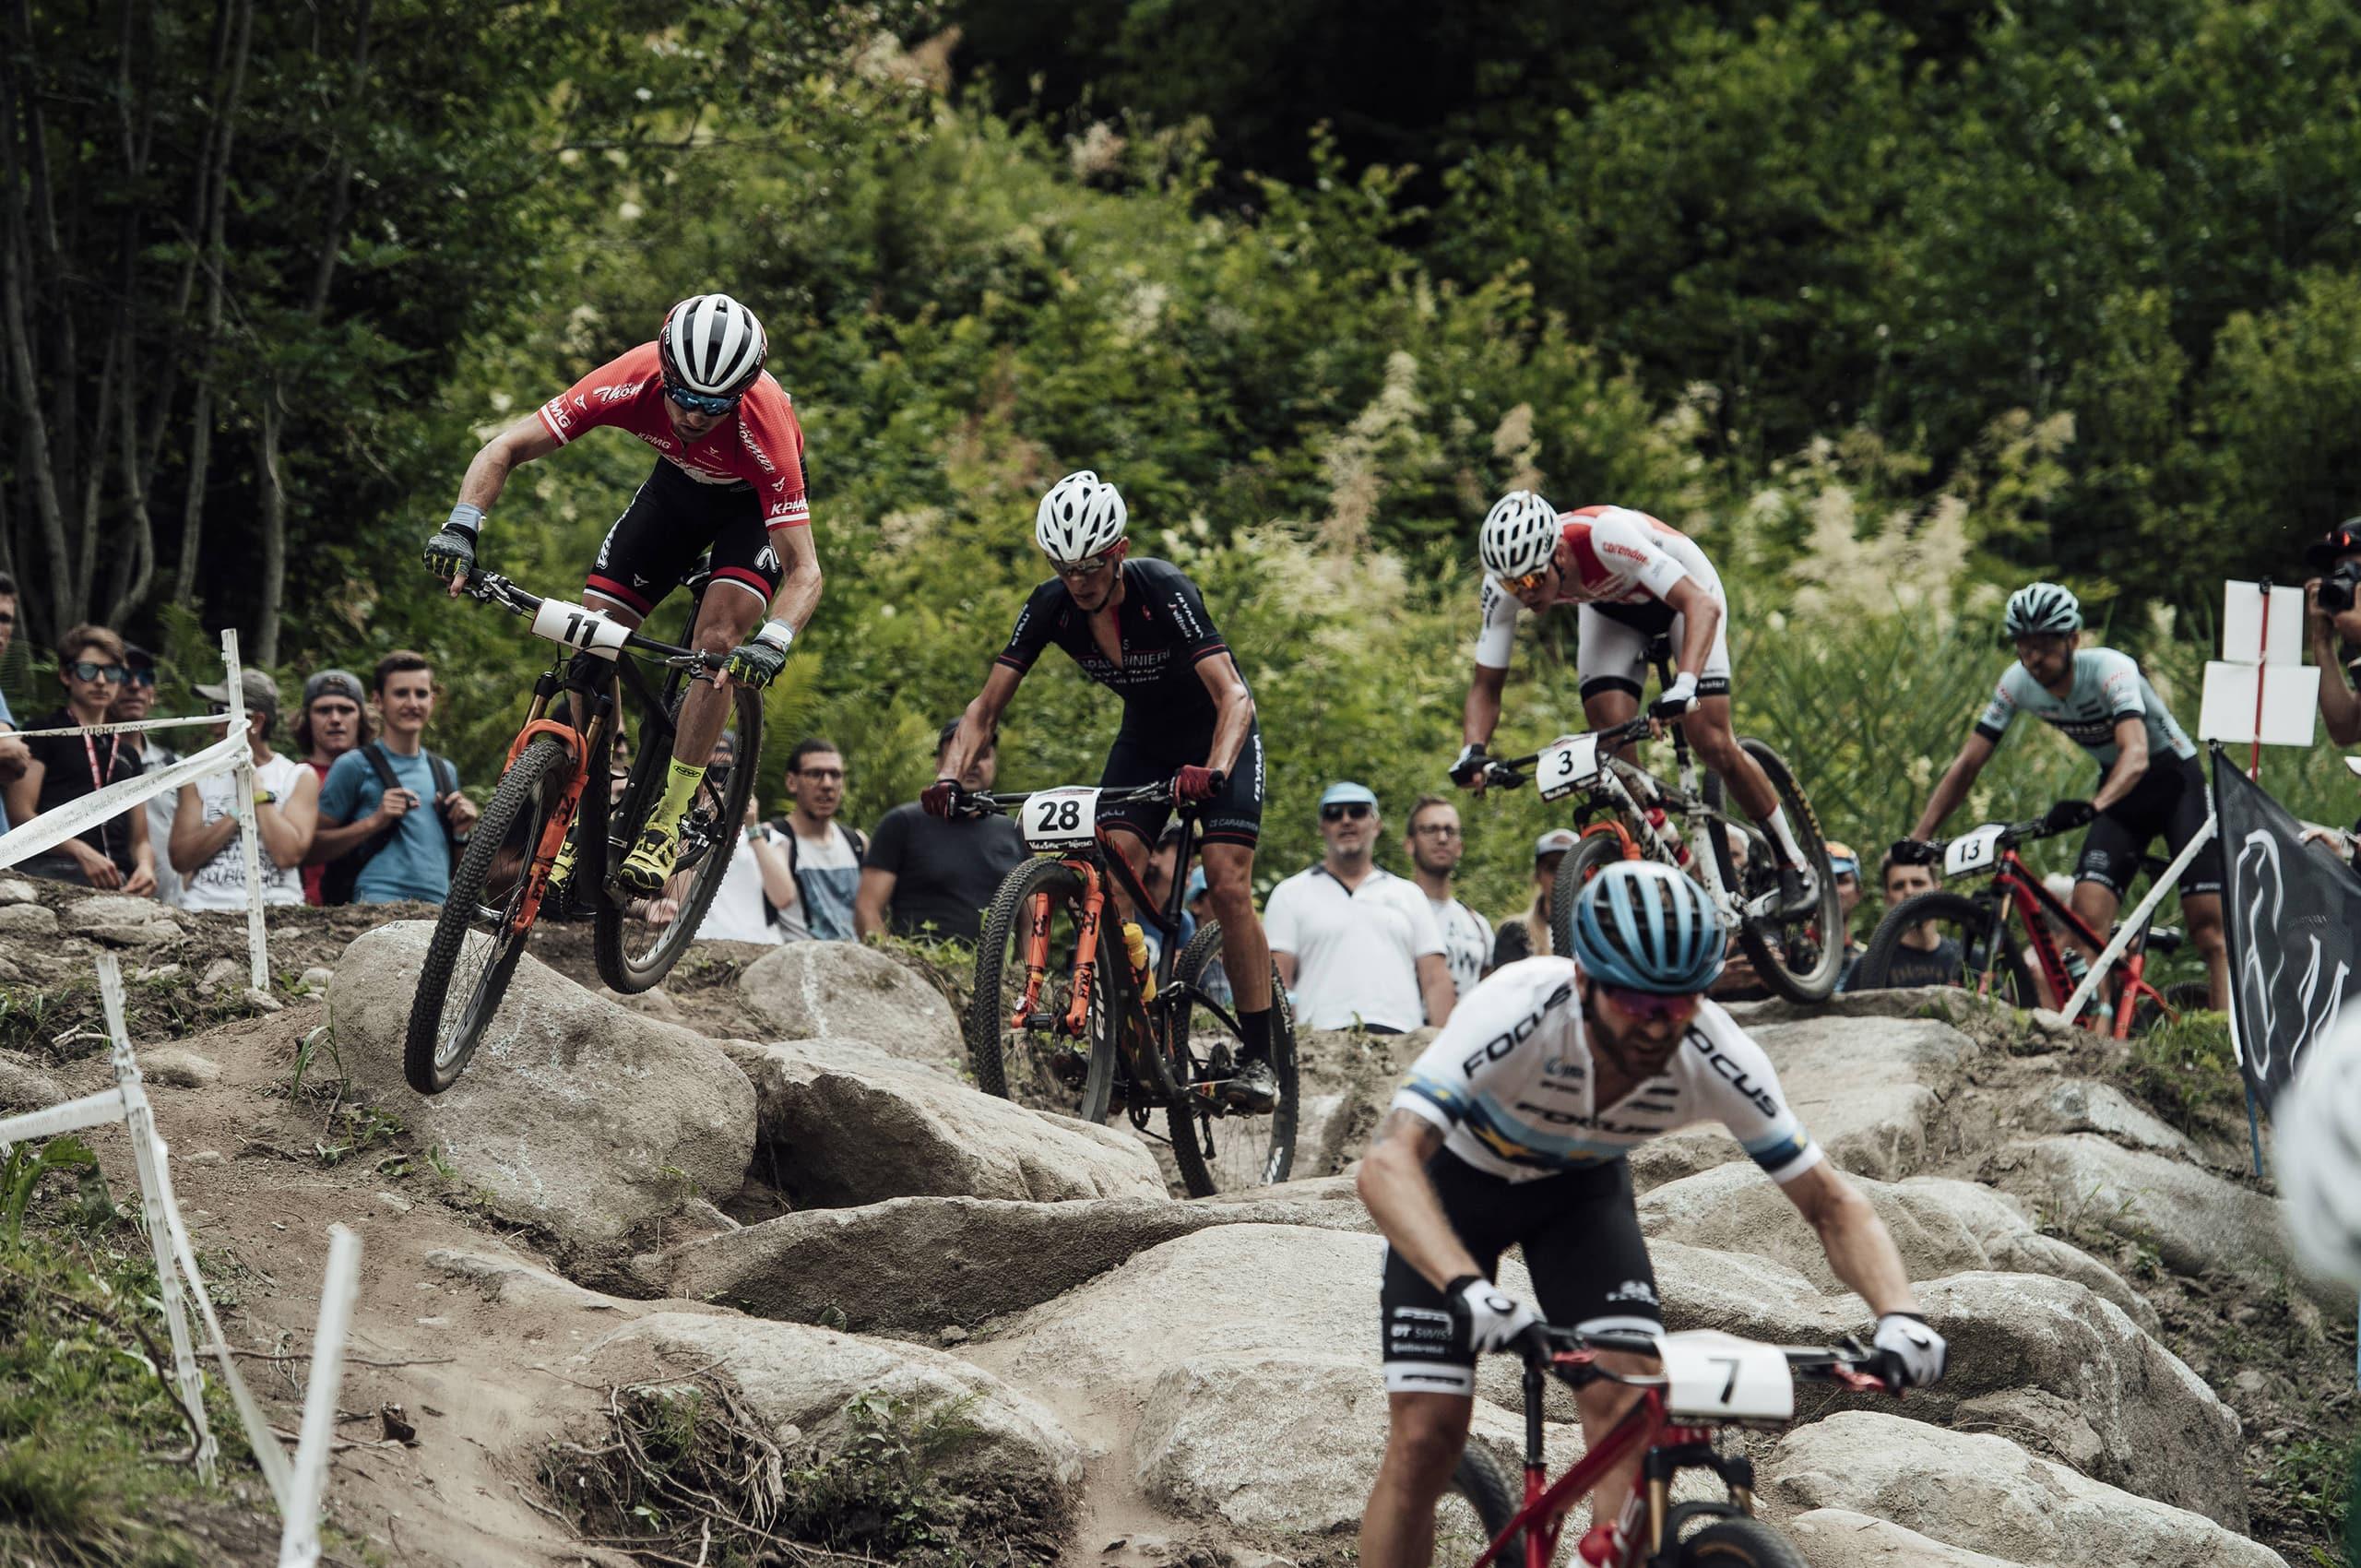 UCI XC Worldcup Cross County Race Action